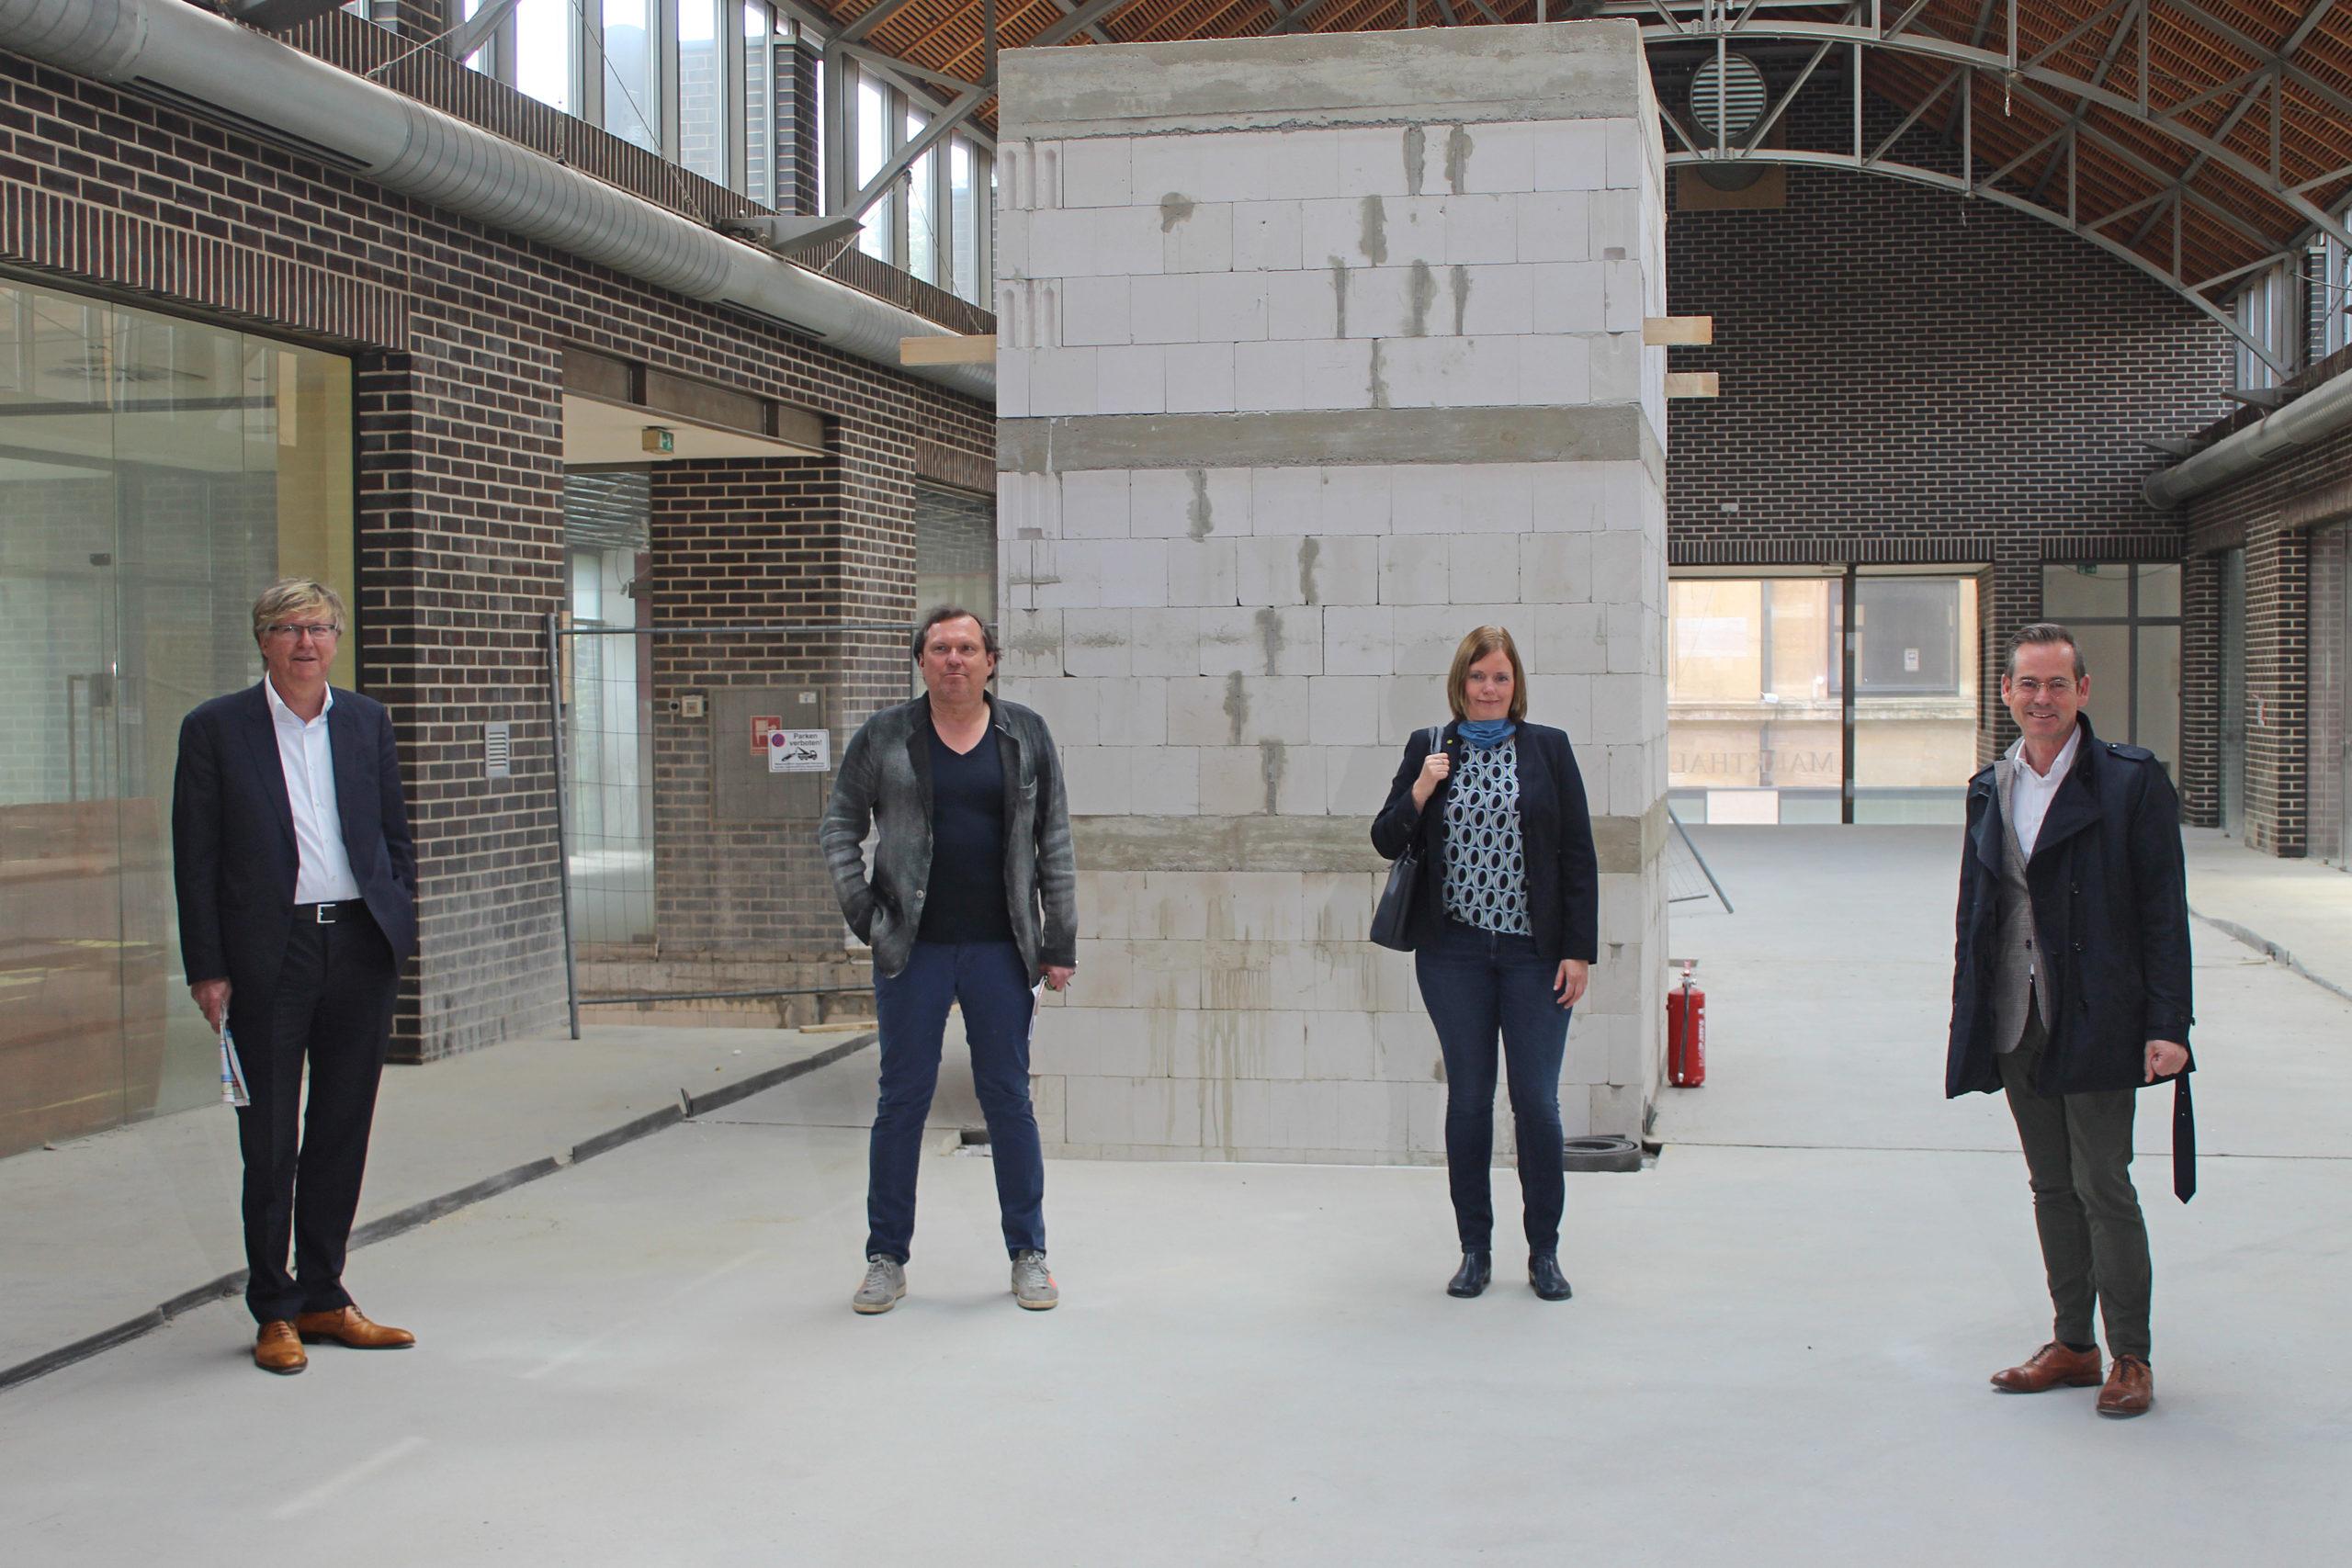 Markthalle in Buer vor der Eröffnung